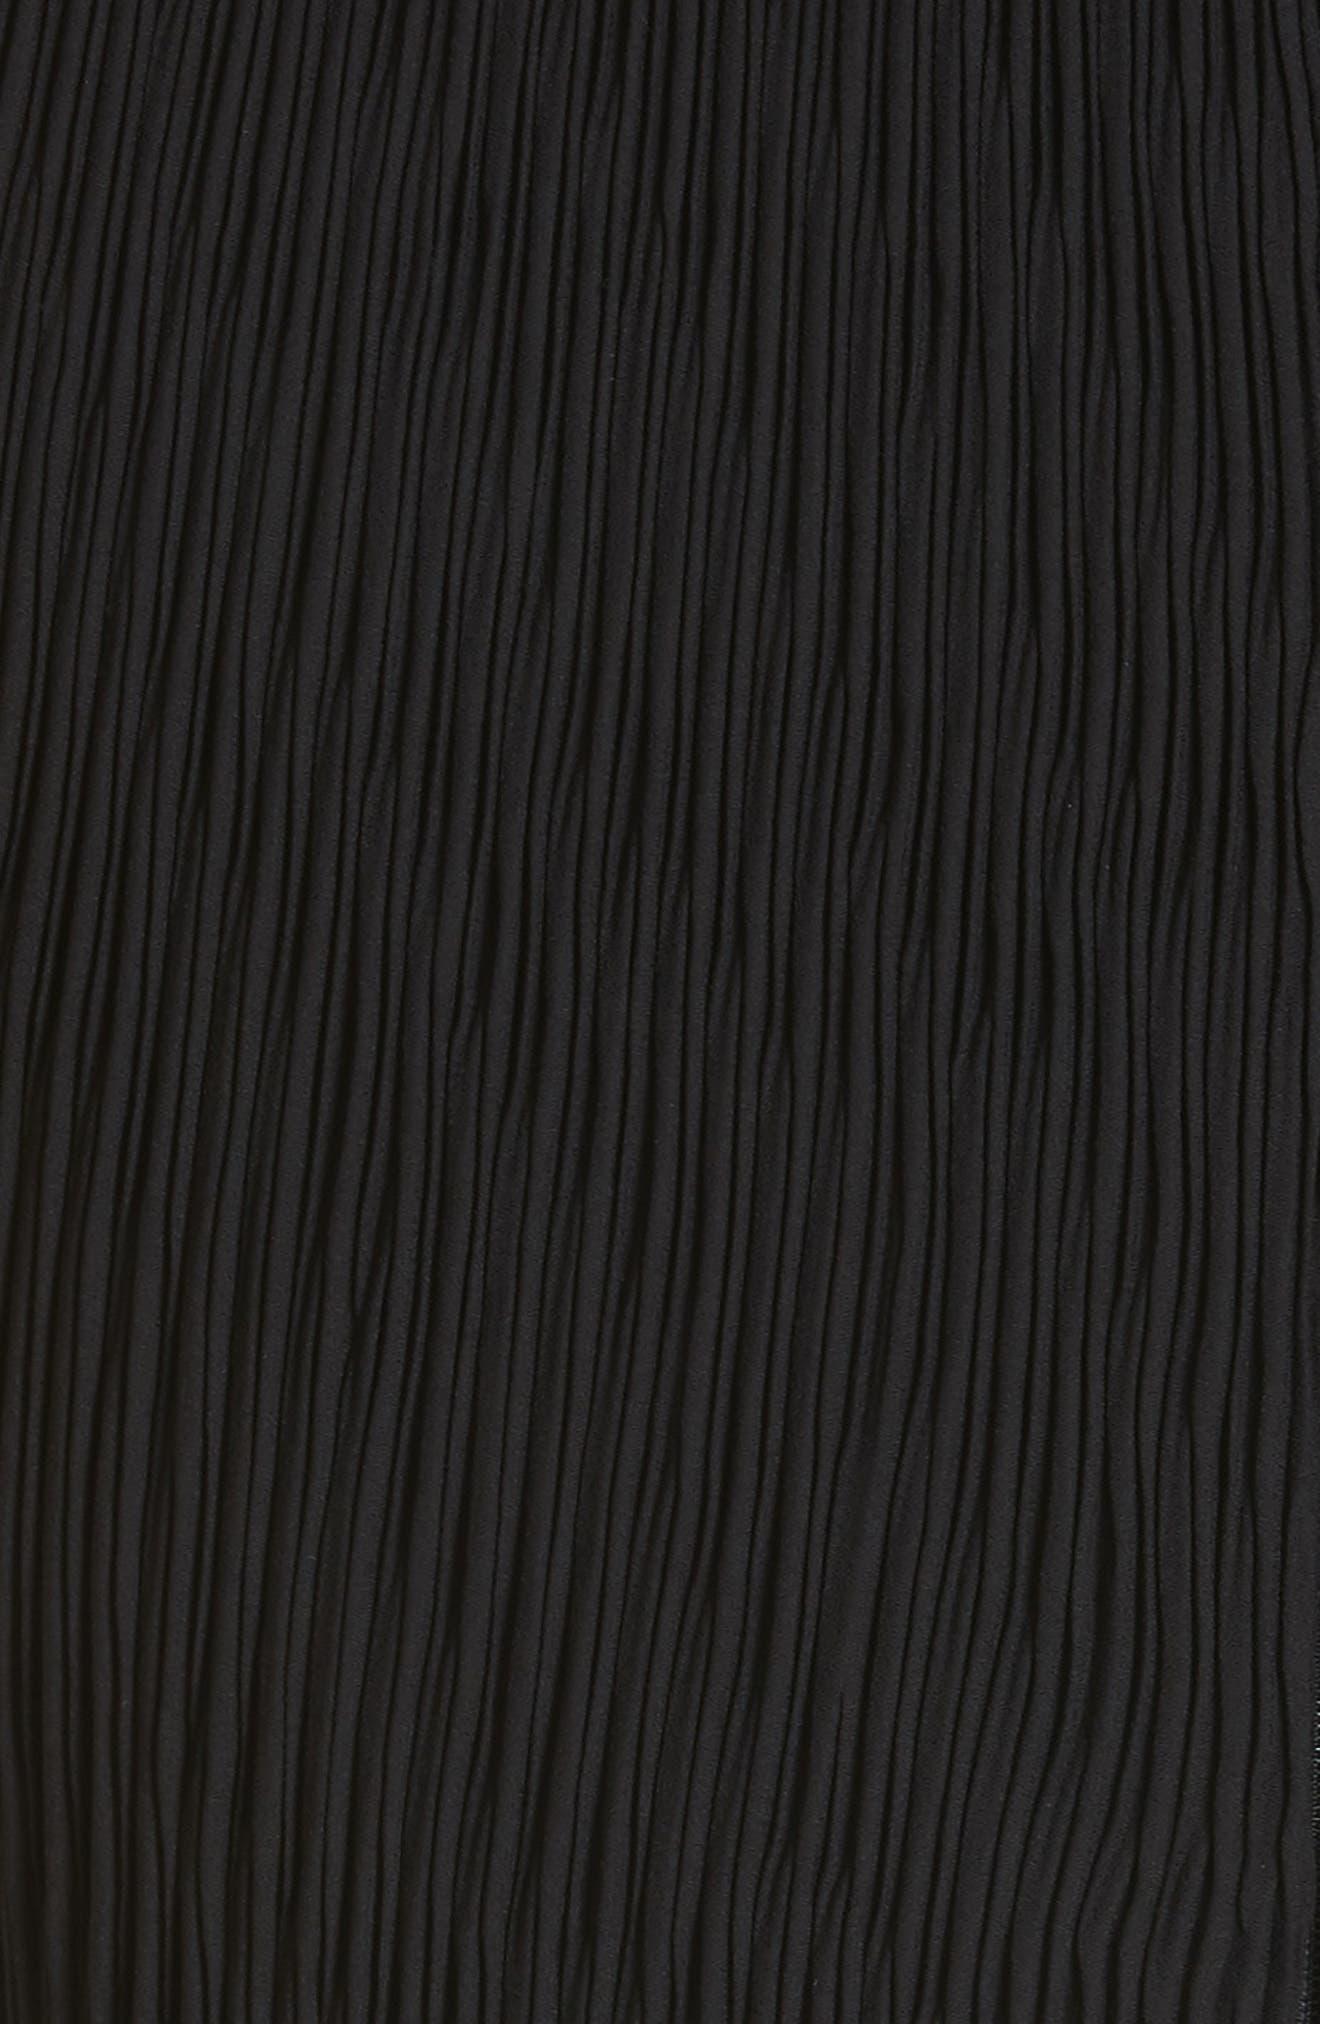 Milda Crystal Pleat Dress,                             Alternate thumbnail 5, color,                             010